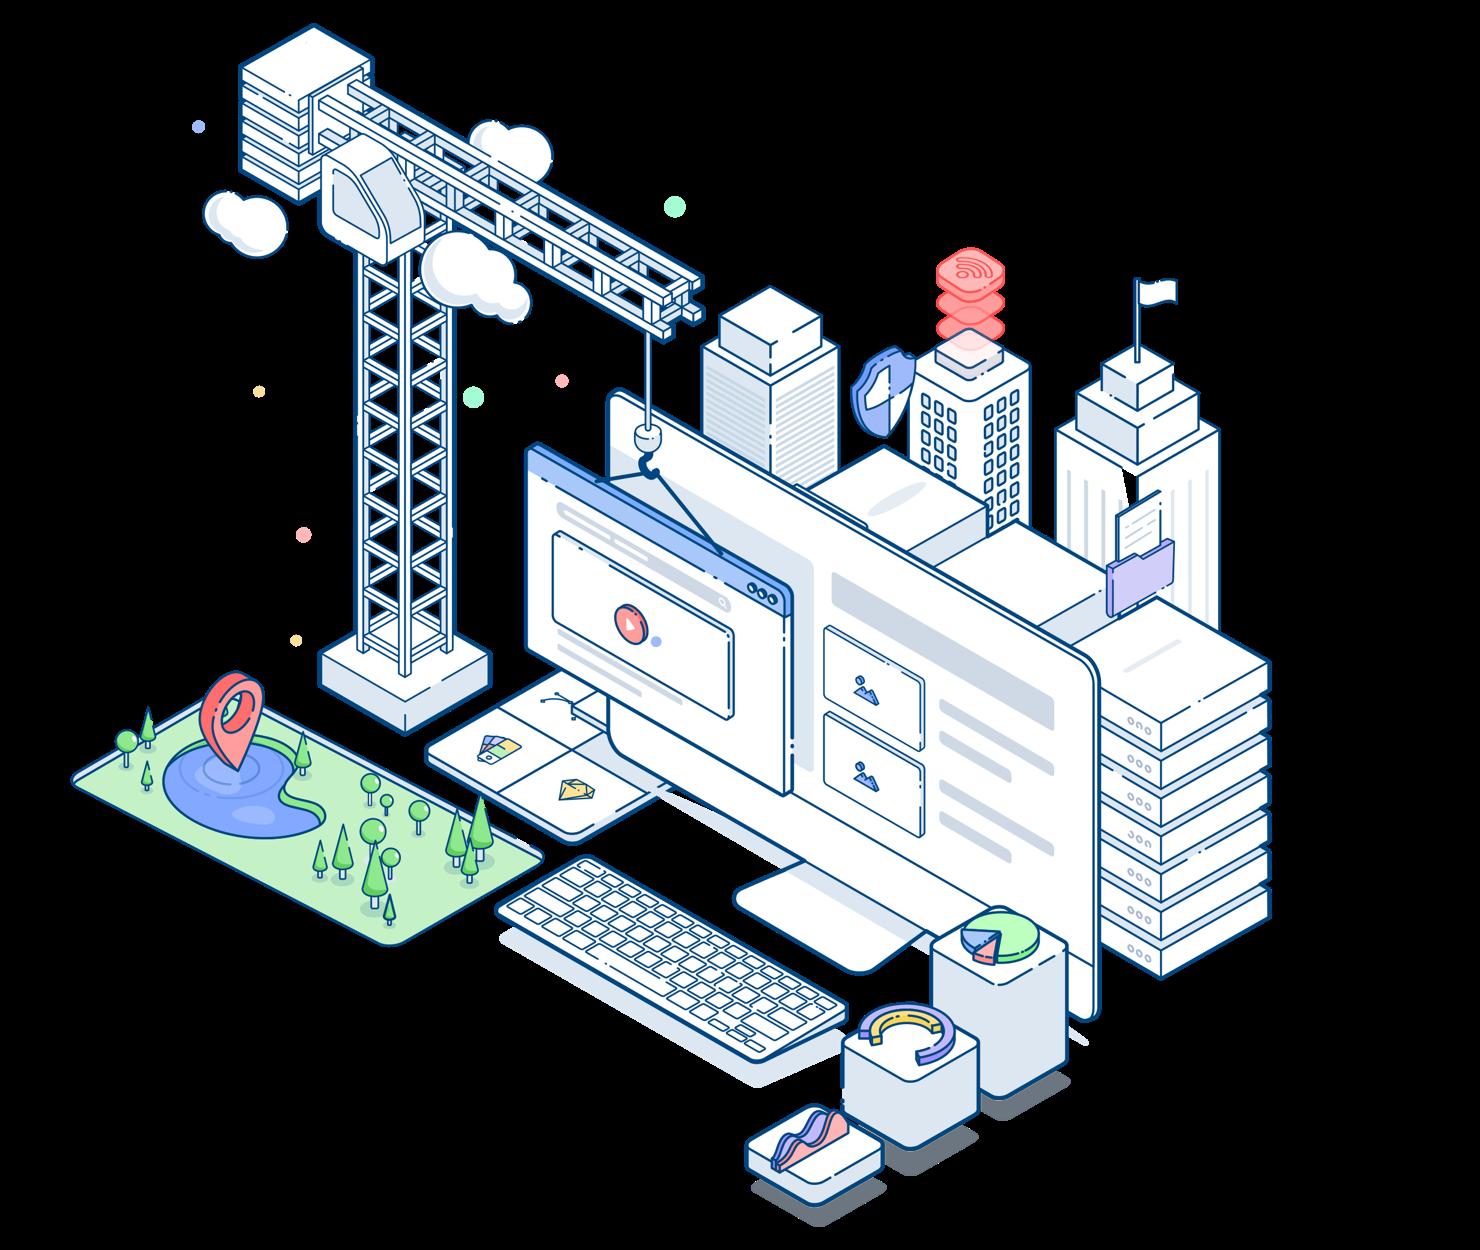 Amotus est un design house novateur à la fine pointe de la technologie